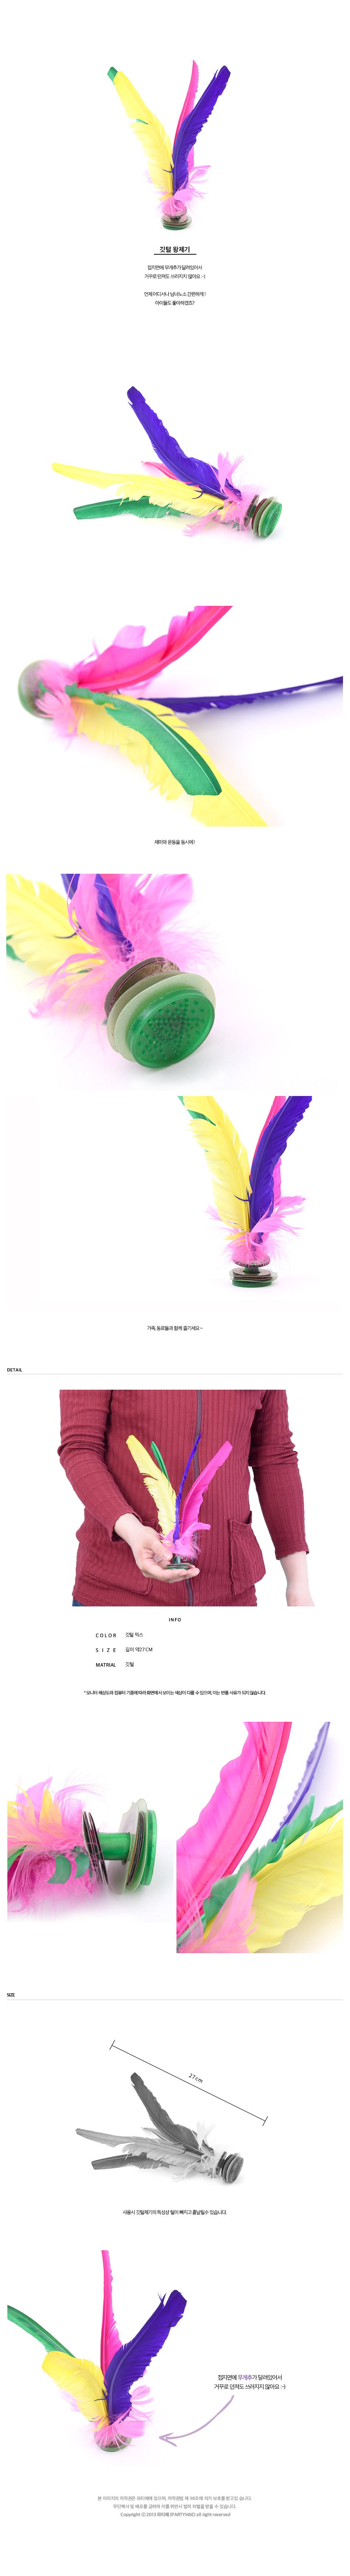 깃털 왕제기 - 파티해, 1,870원, 응원용품, 응원용품